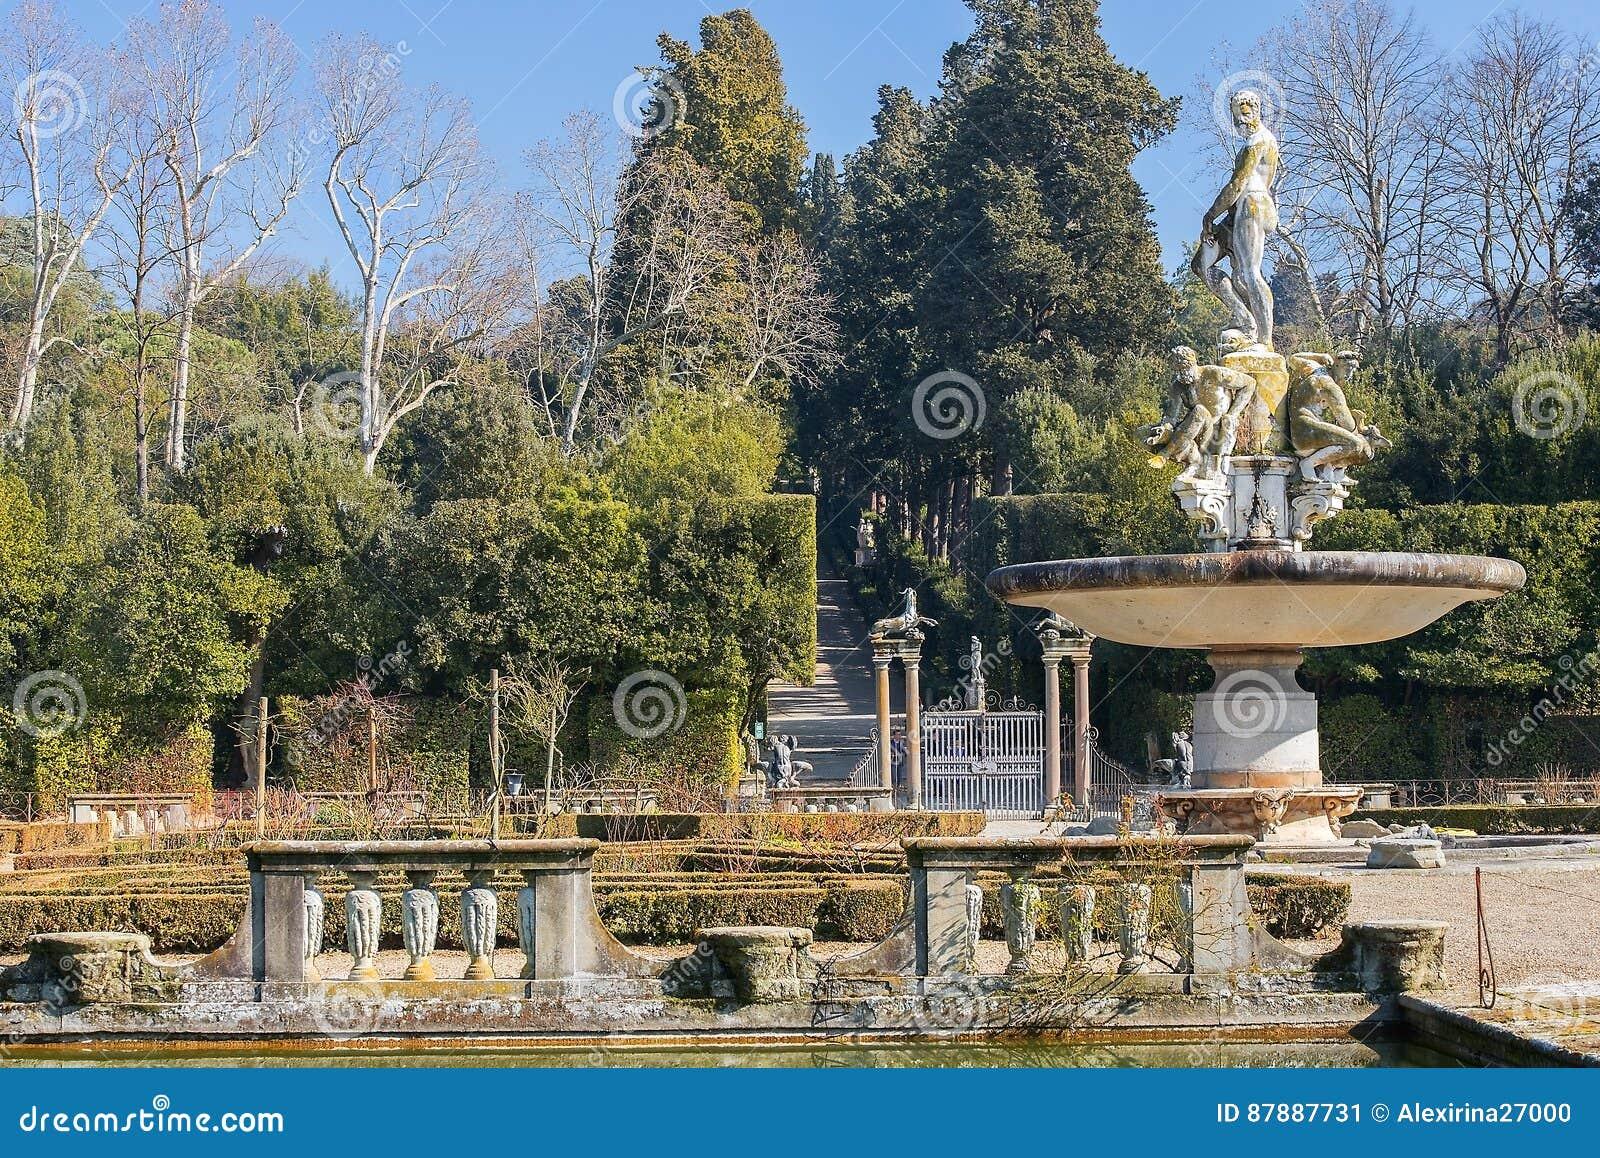 Fontane da giardino firenze for Fontane giardino ikea